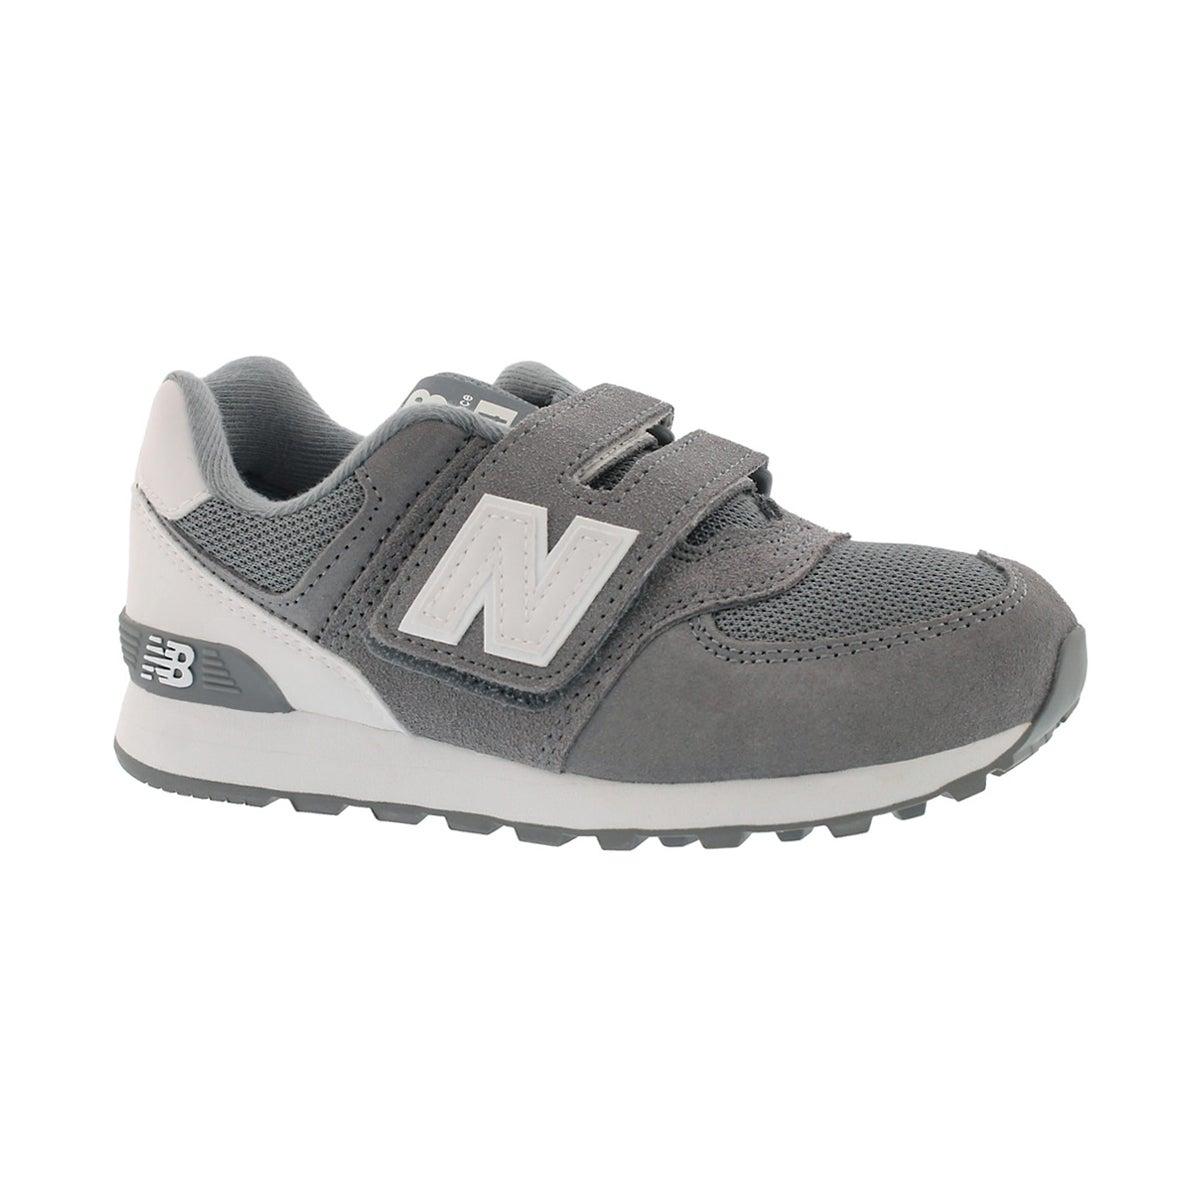 Boys' 574 grey/white sneakers